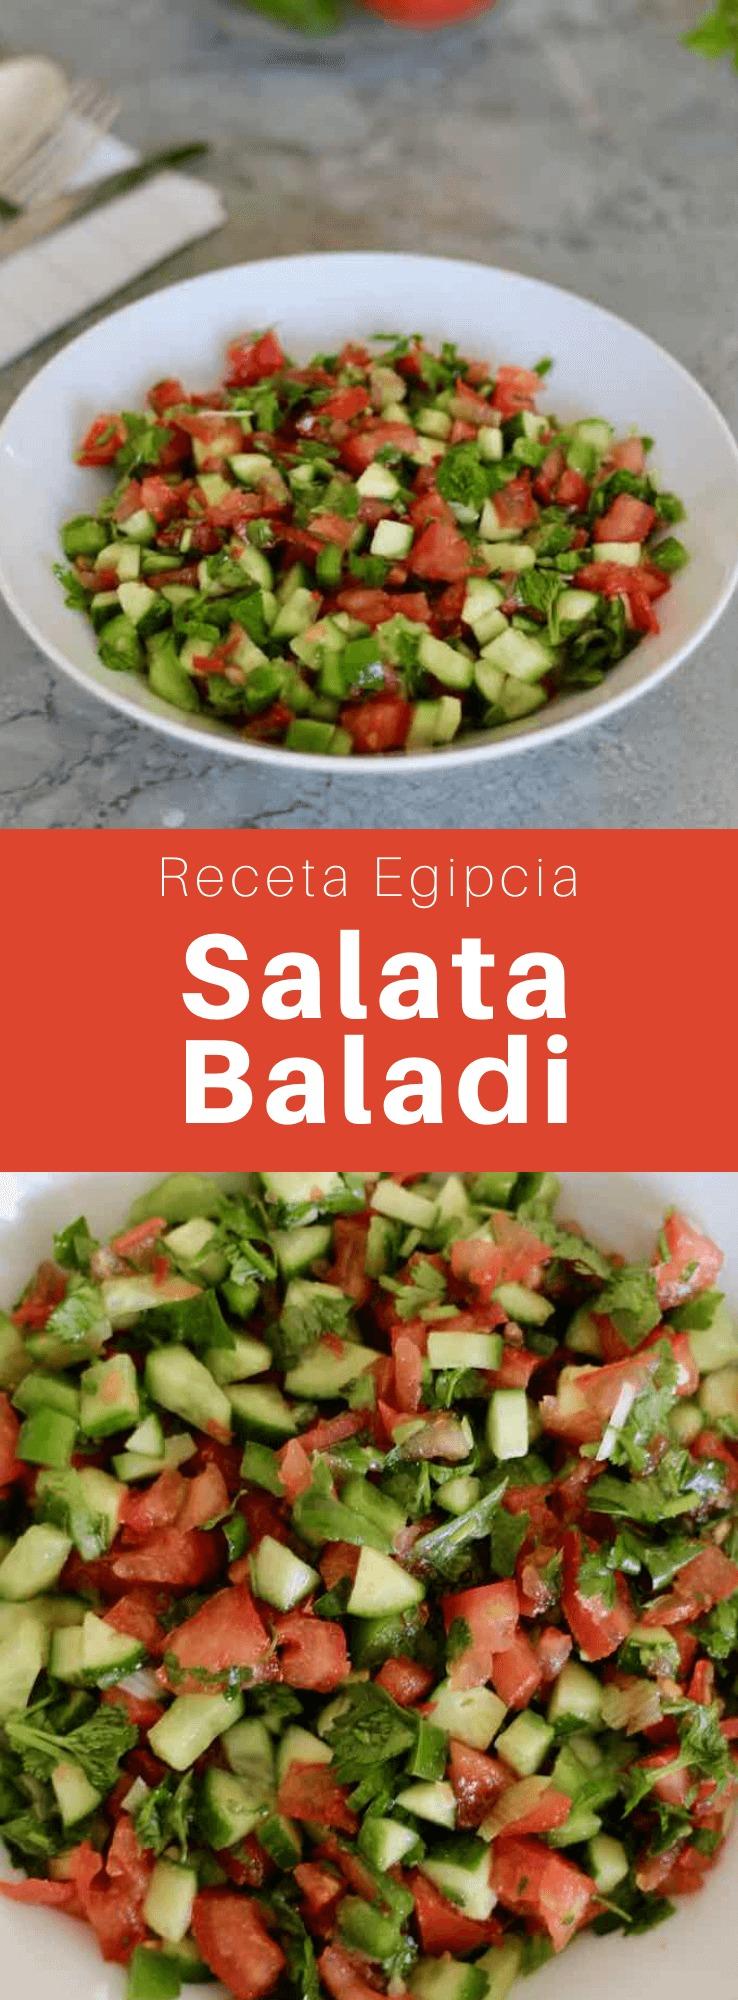 La salata baladi (سلطة البلدي) o salata arbya (سلطة عربية) es una ensalada árabe de vegetales crudos popular en Egipto, Oriente Medio y el norte de África.